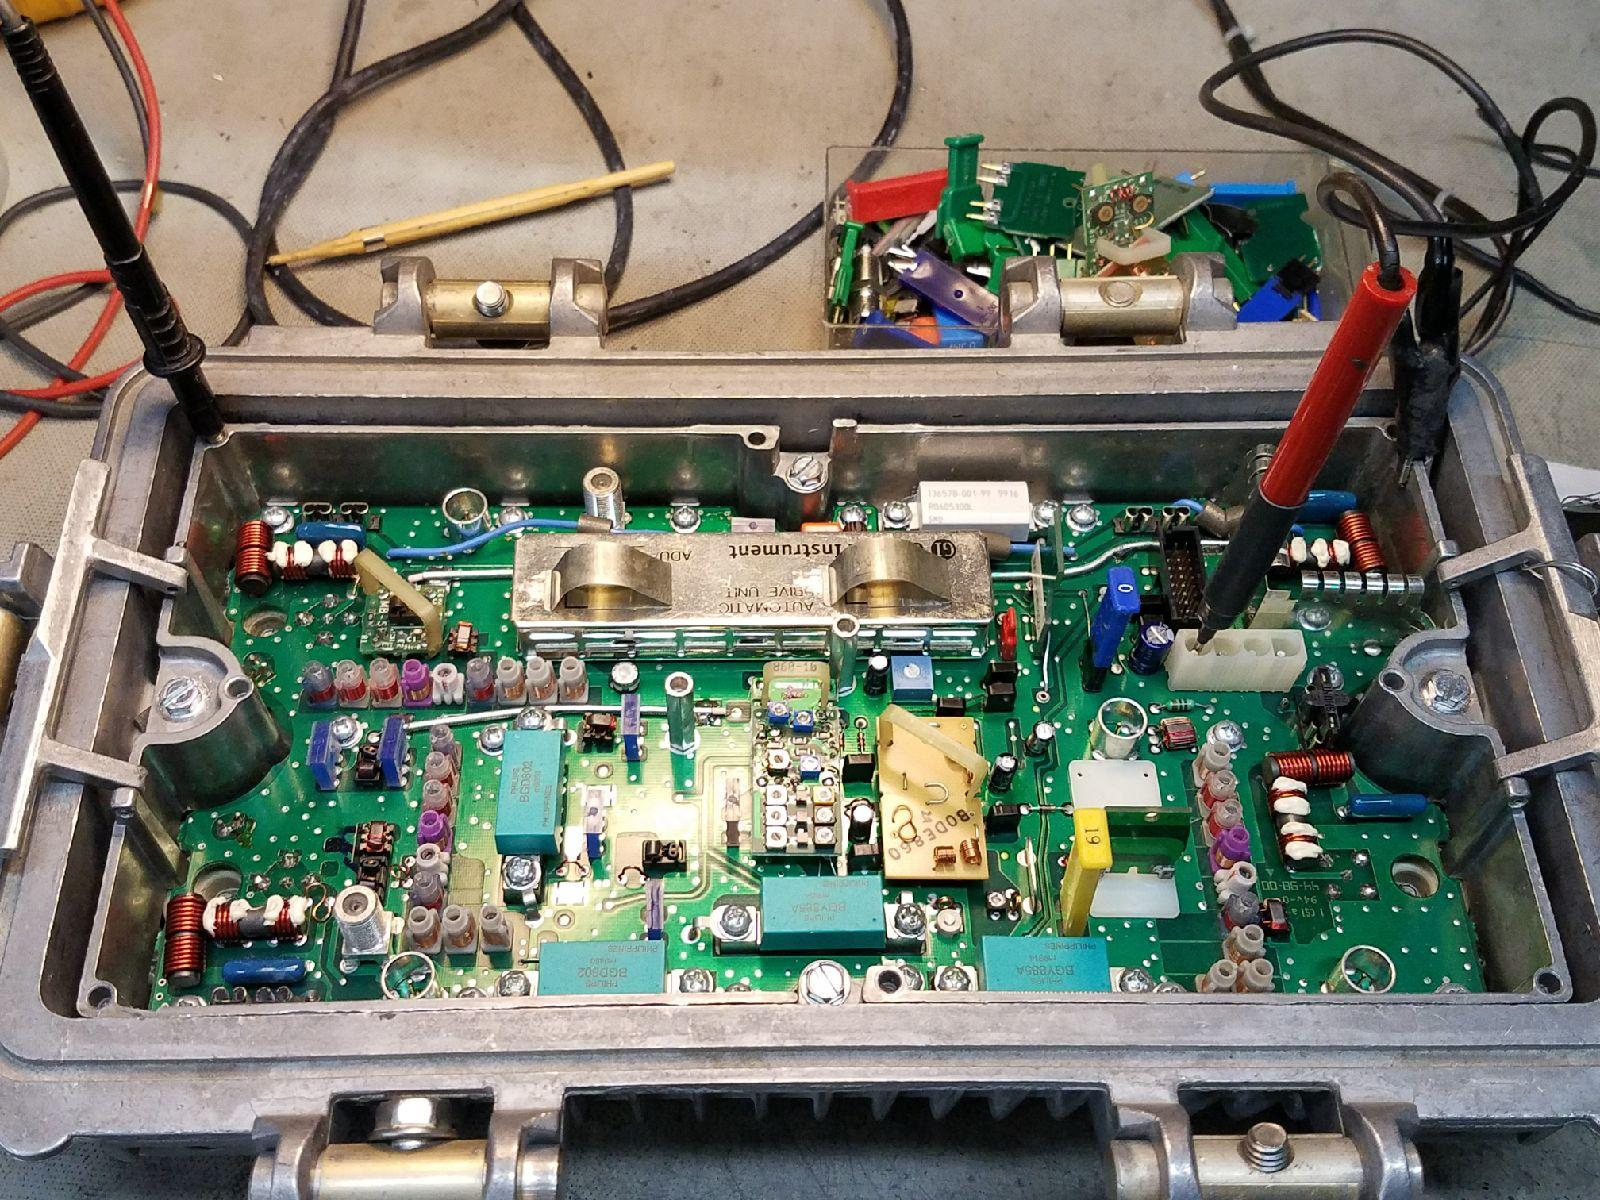 cable equipment distribution repair circuit board work